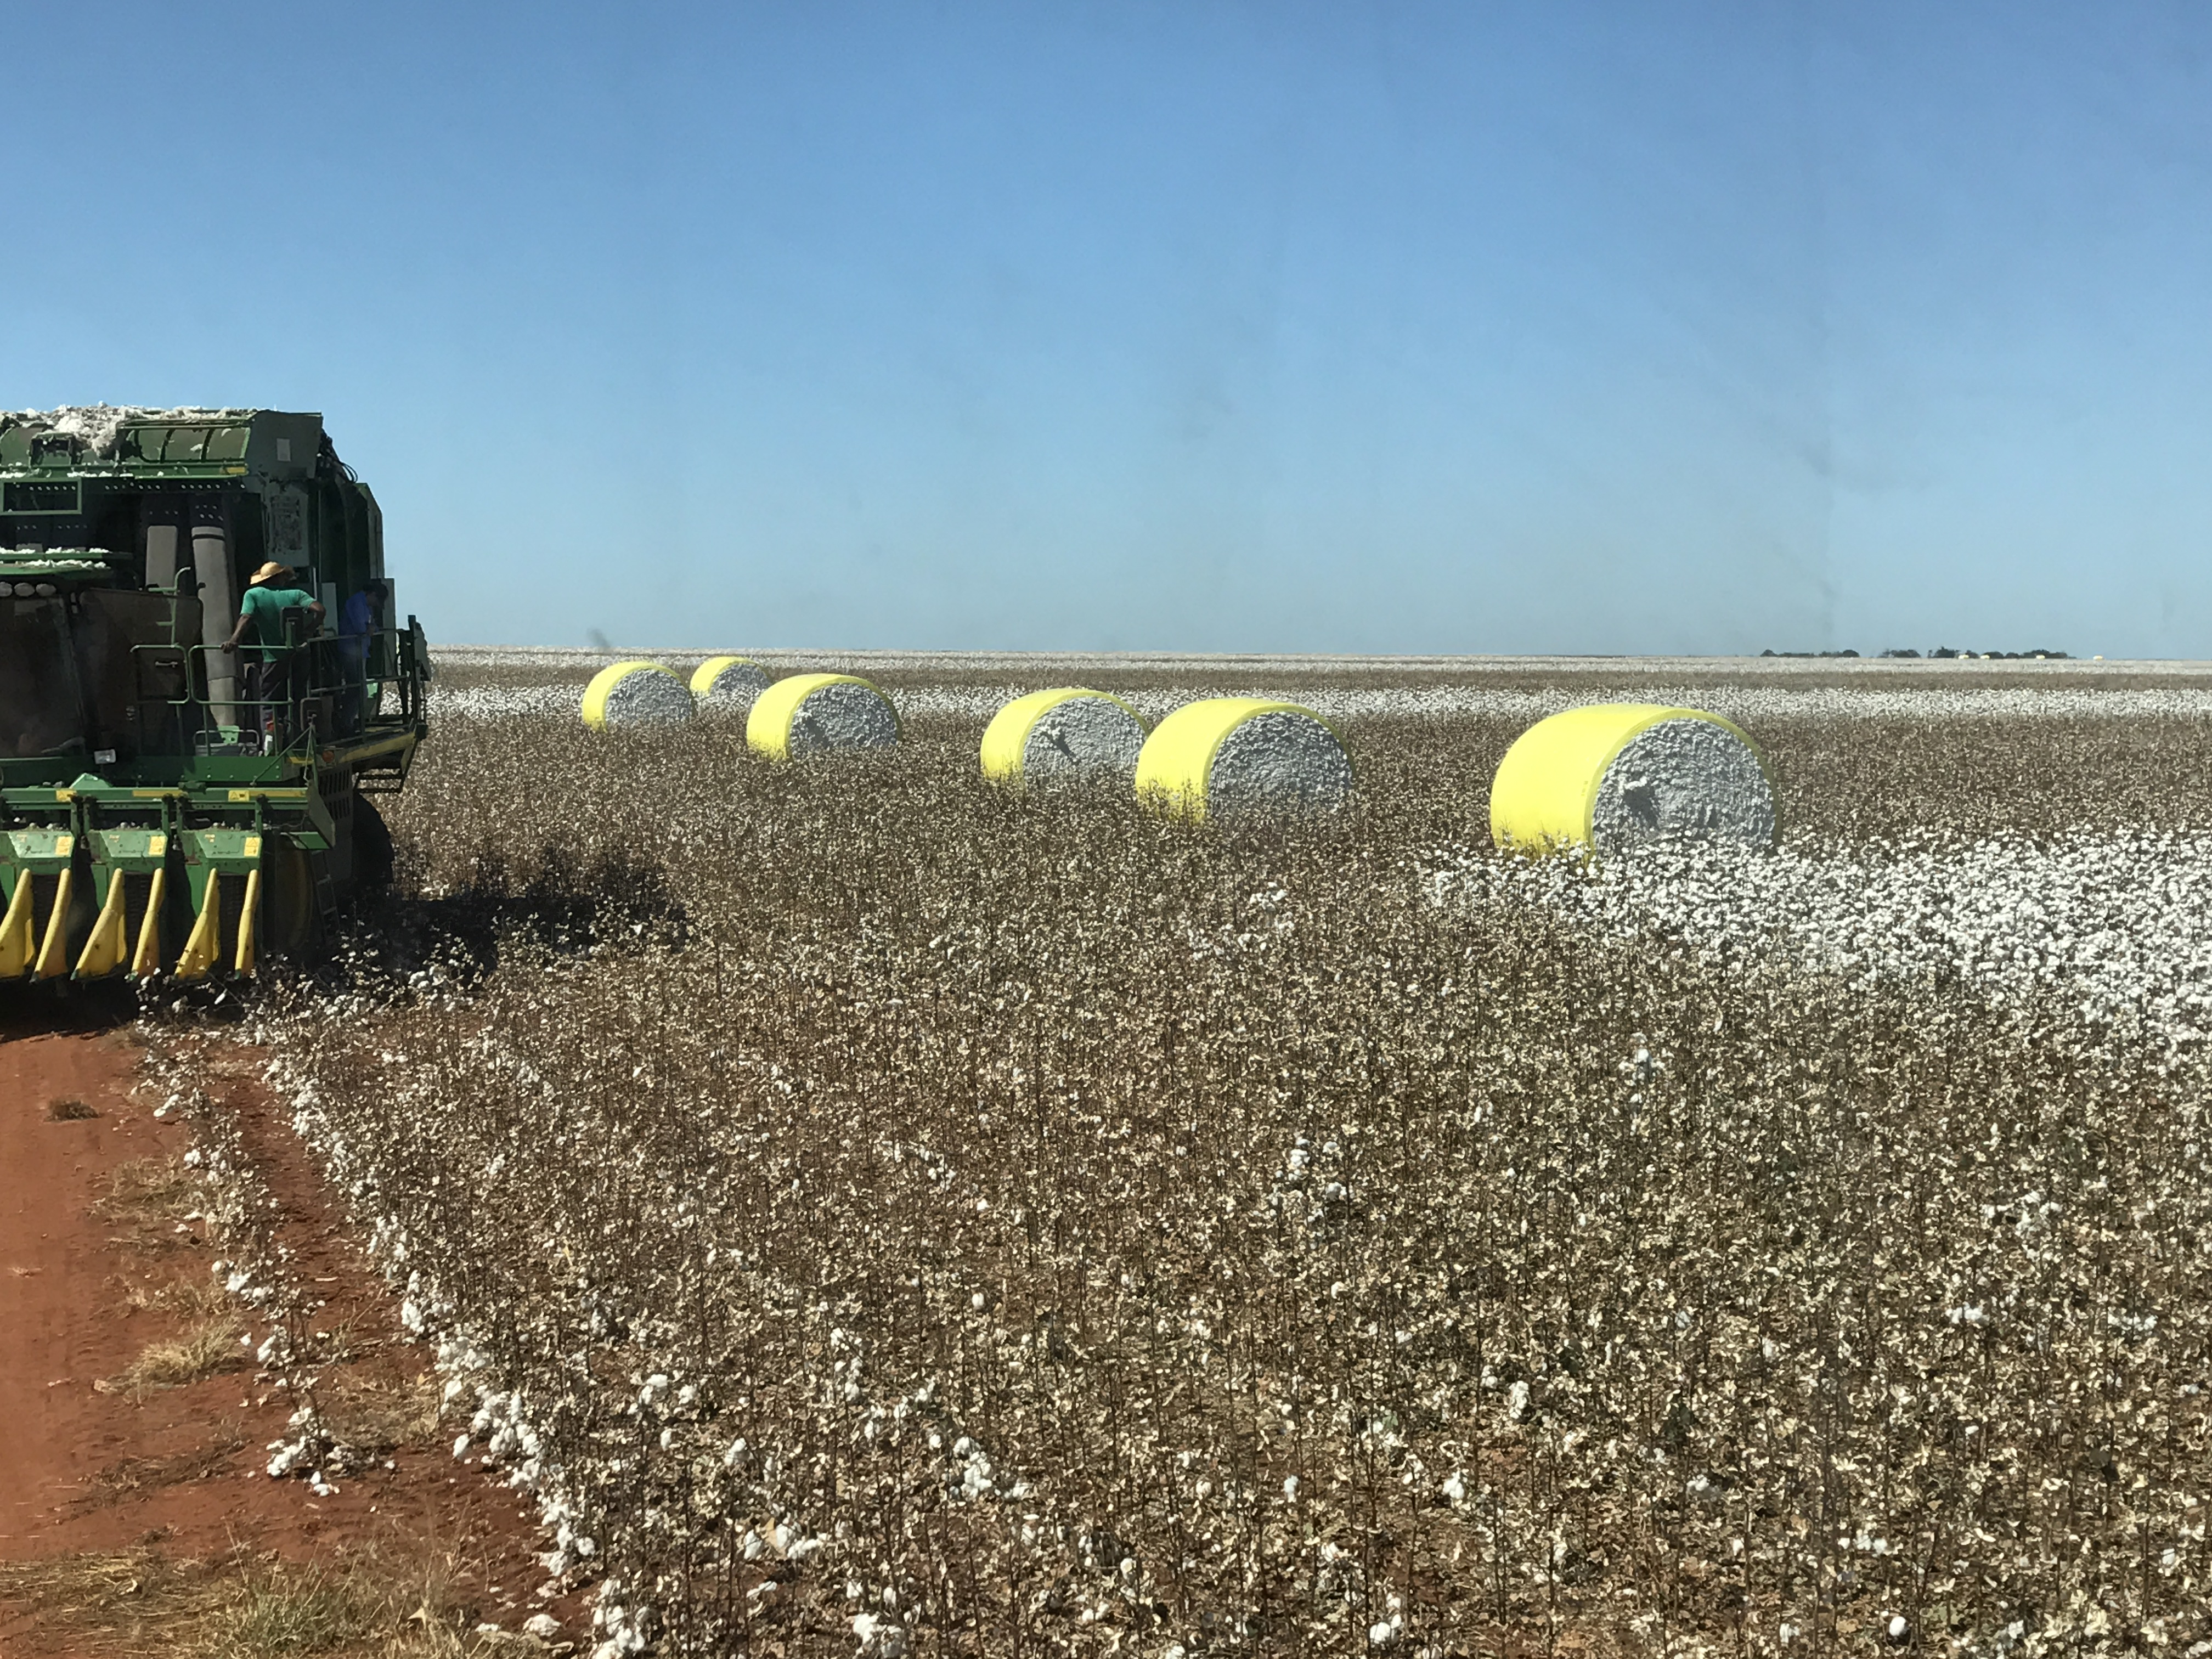 colhedora algodão máquina colheita